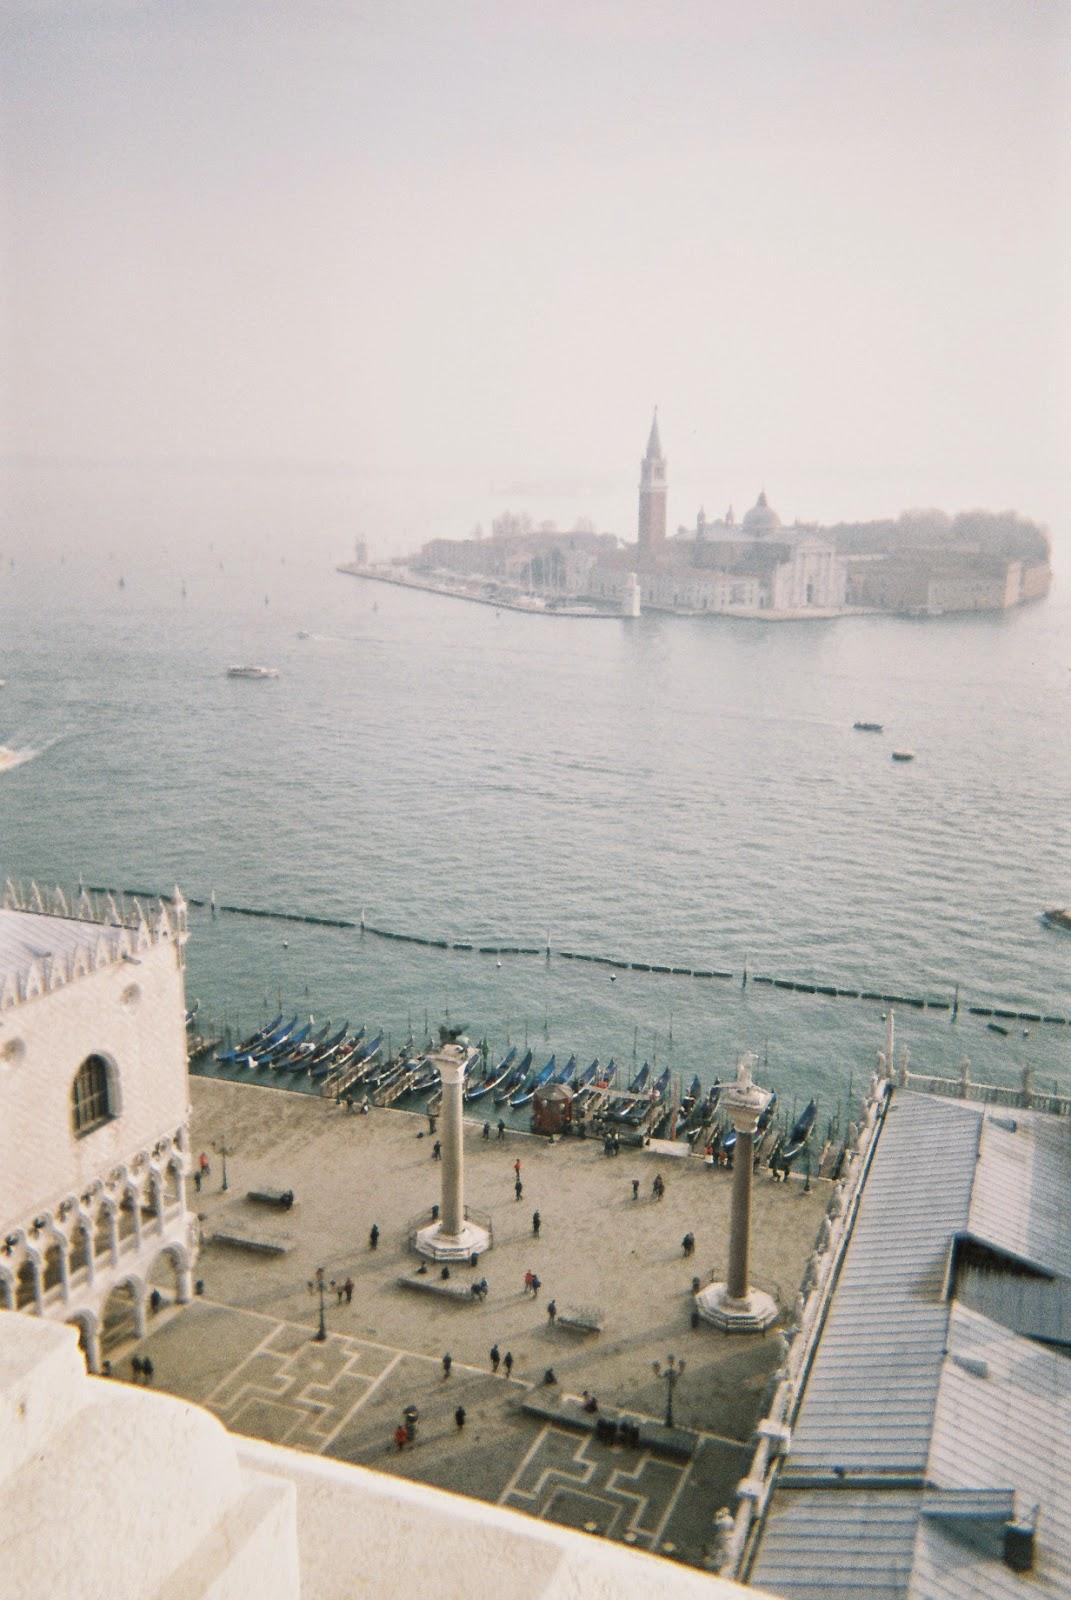 Venise - argentique - appareil photo jetable